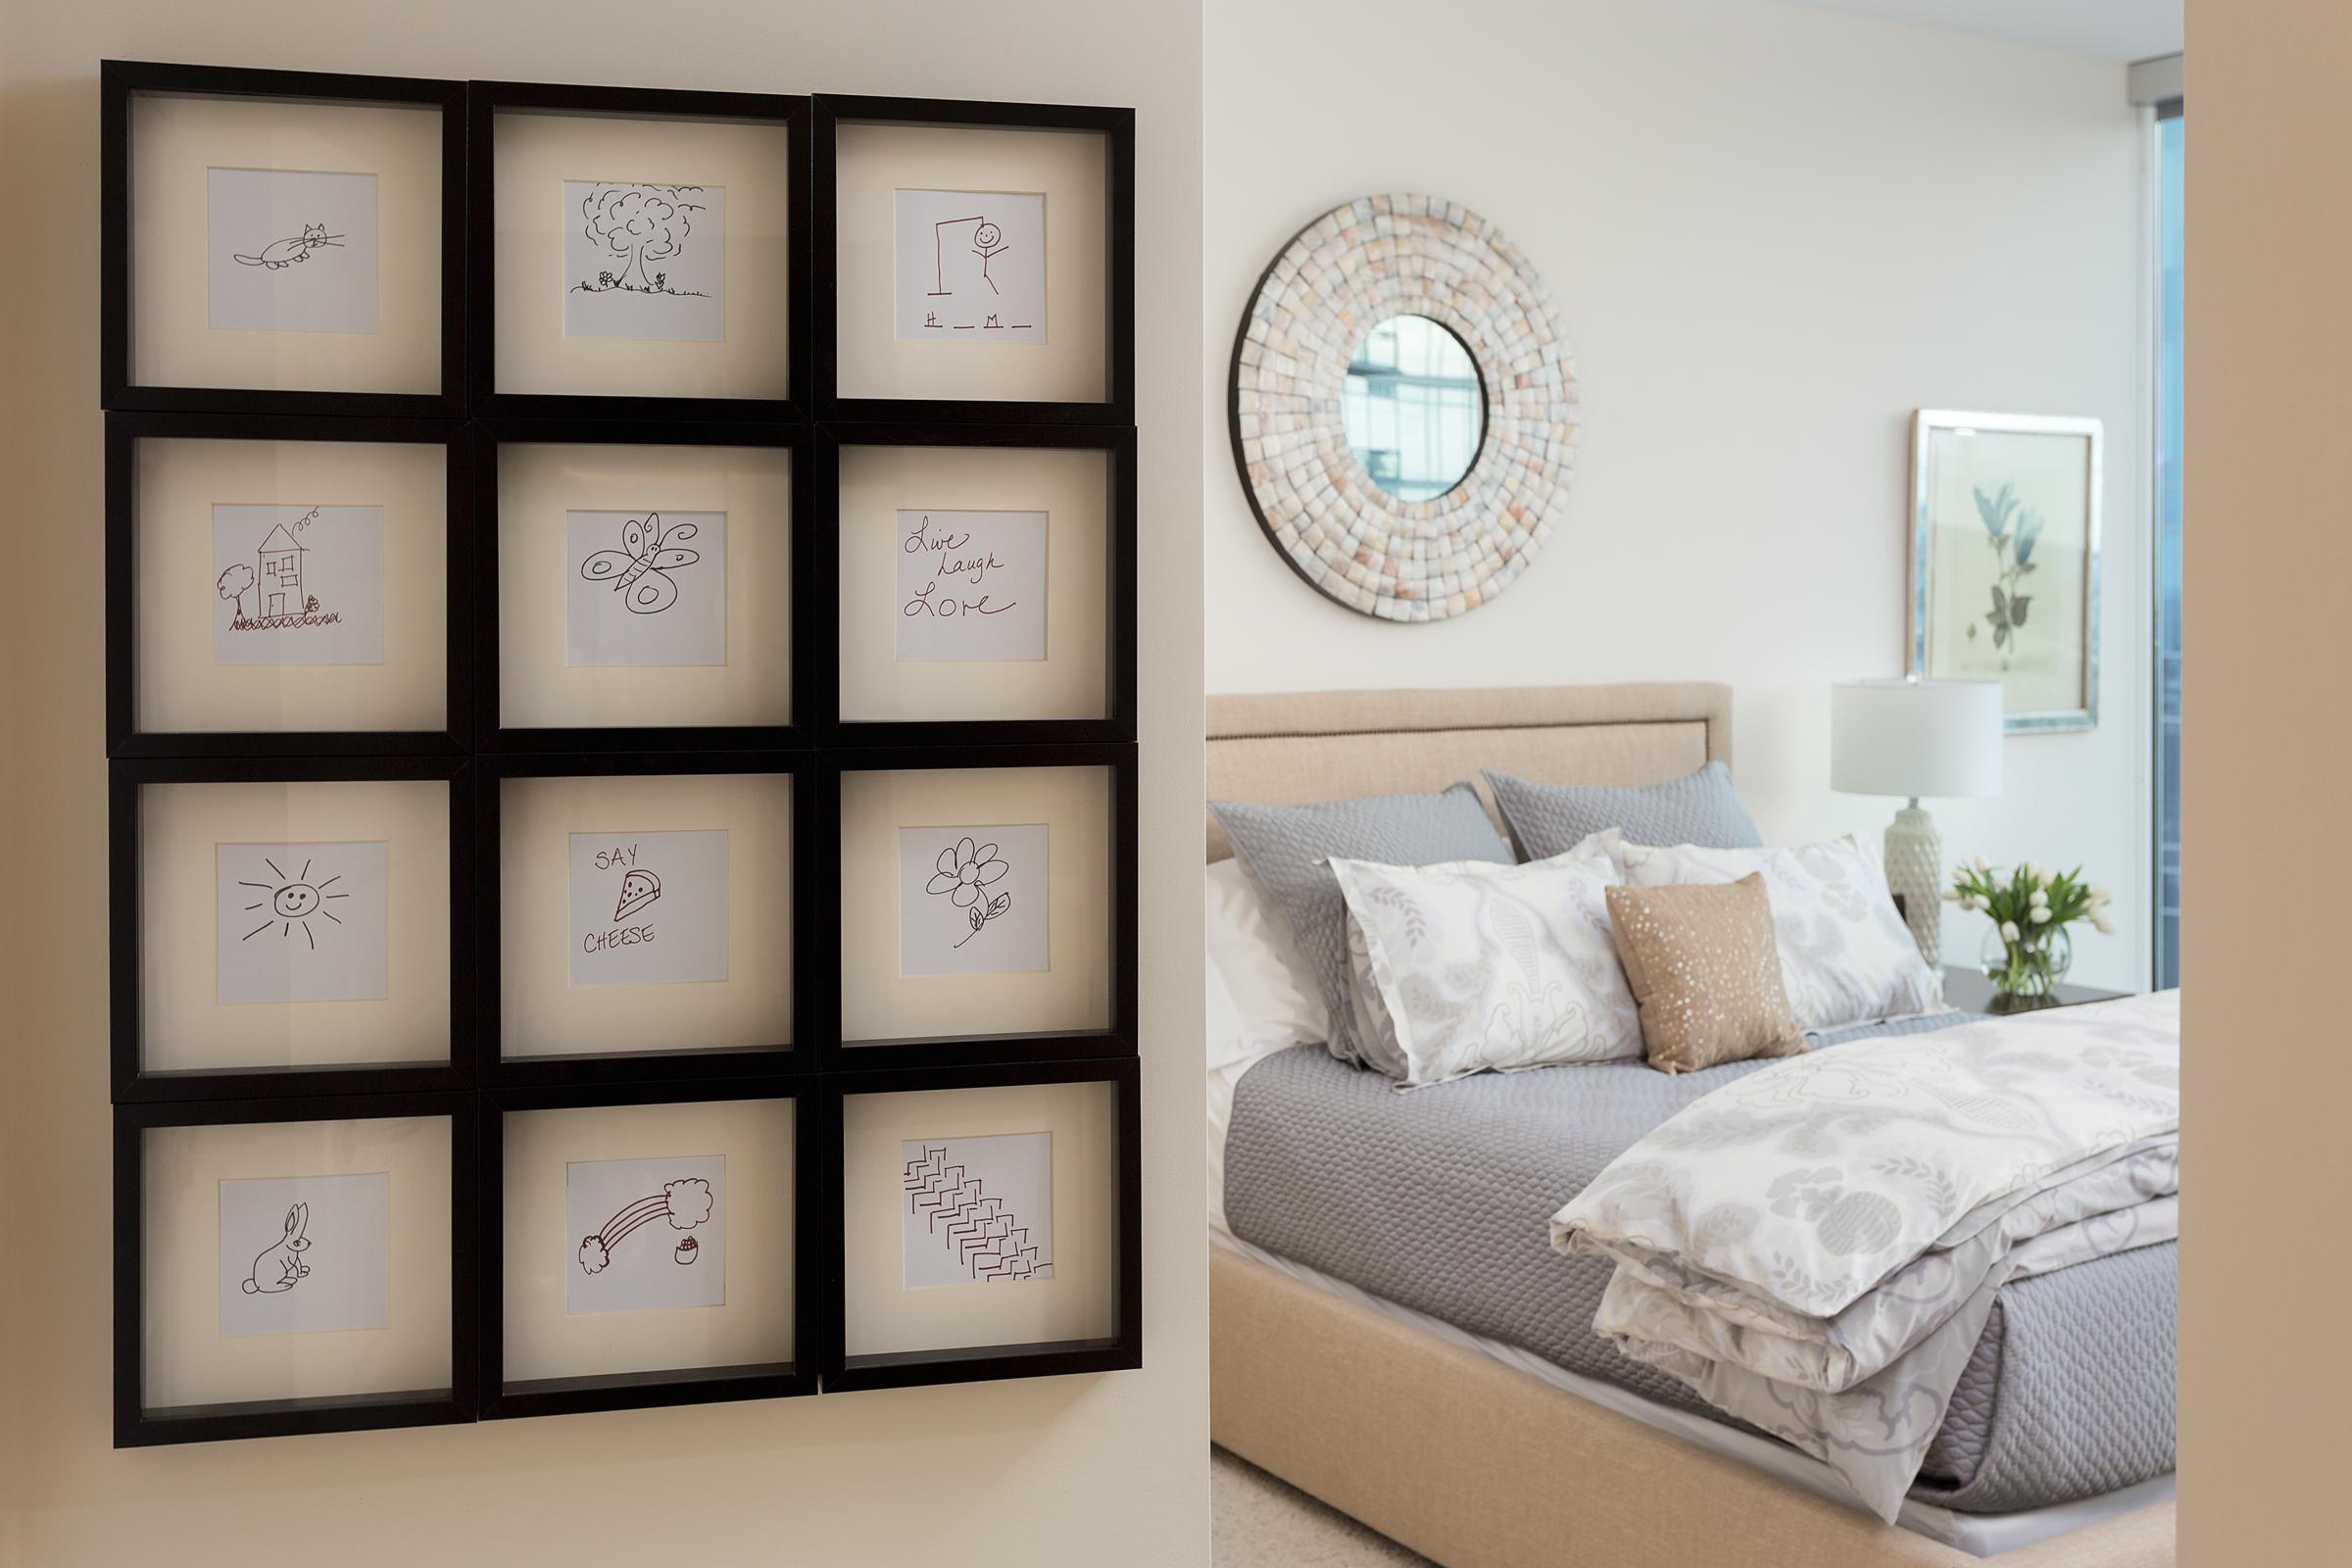 Refresh Decorating - Condo Secondary Bedroom Frame Art v1.jpg